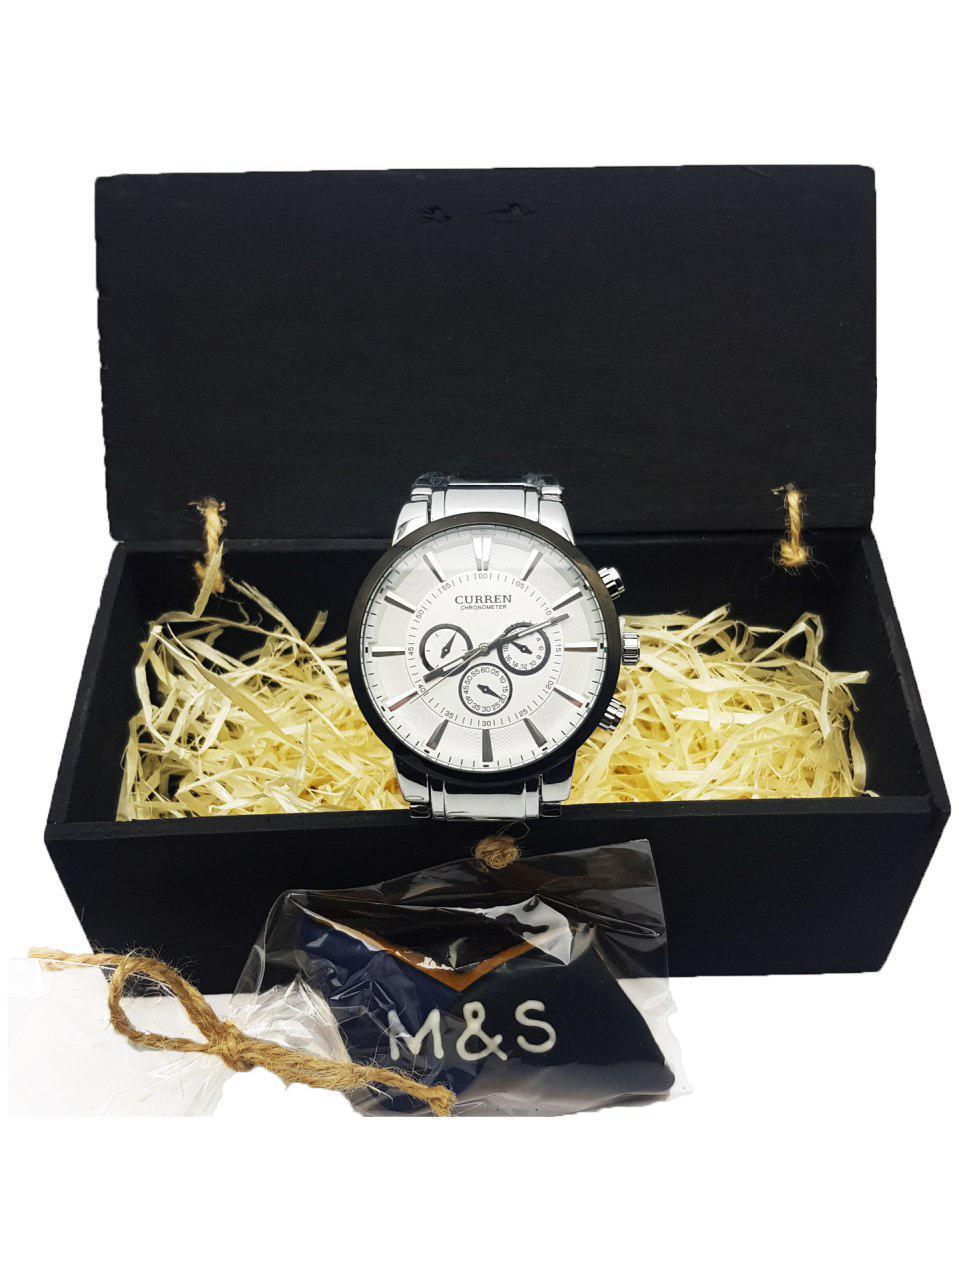 daef9bd204c9 ... Часы наручные мужские стильные кварцевые HuaDi, Коричневый цвет, Белый  циферблат, фото 4